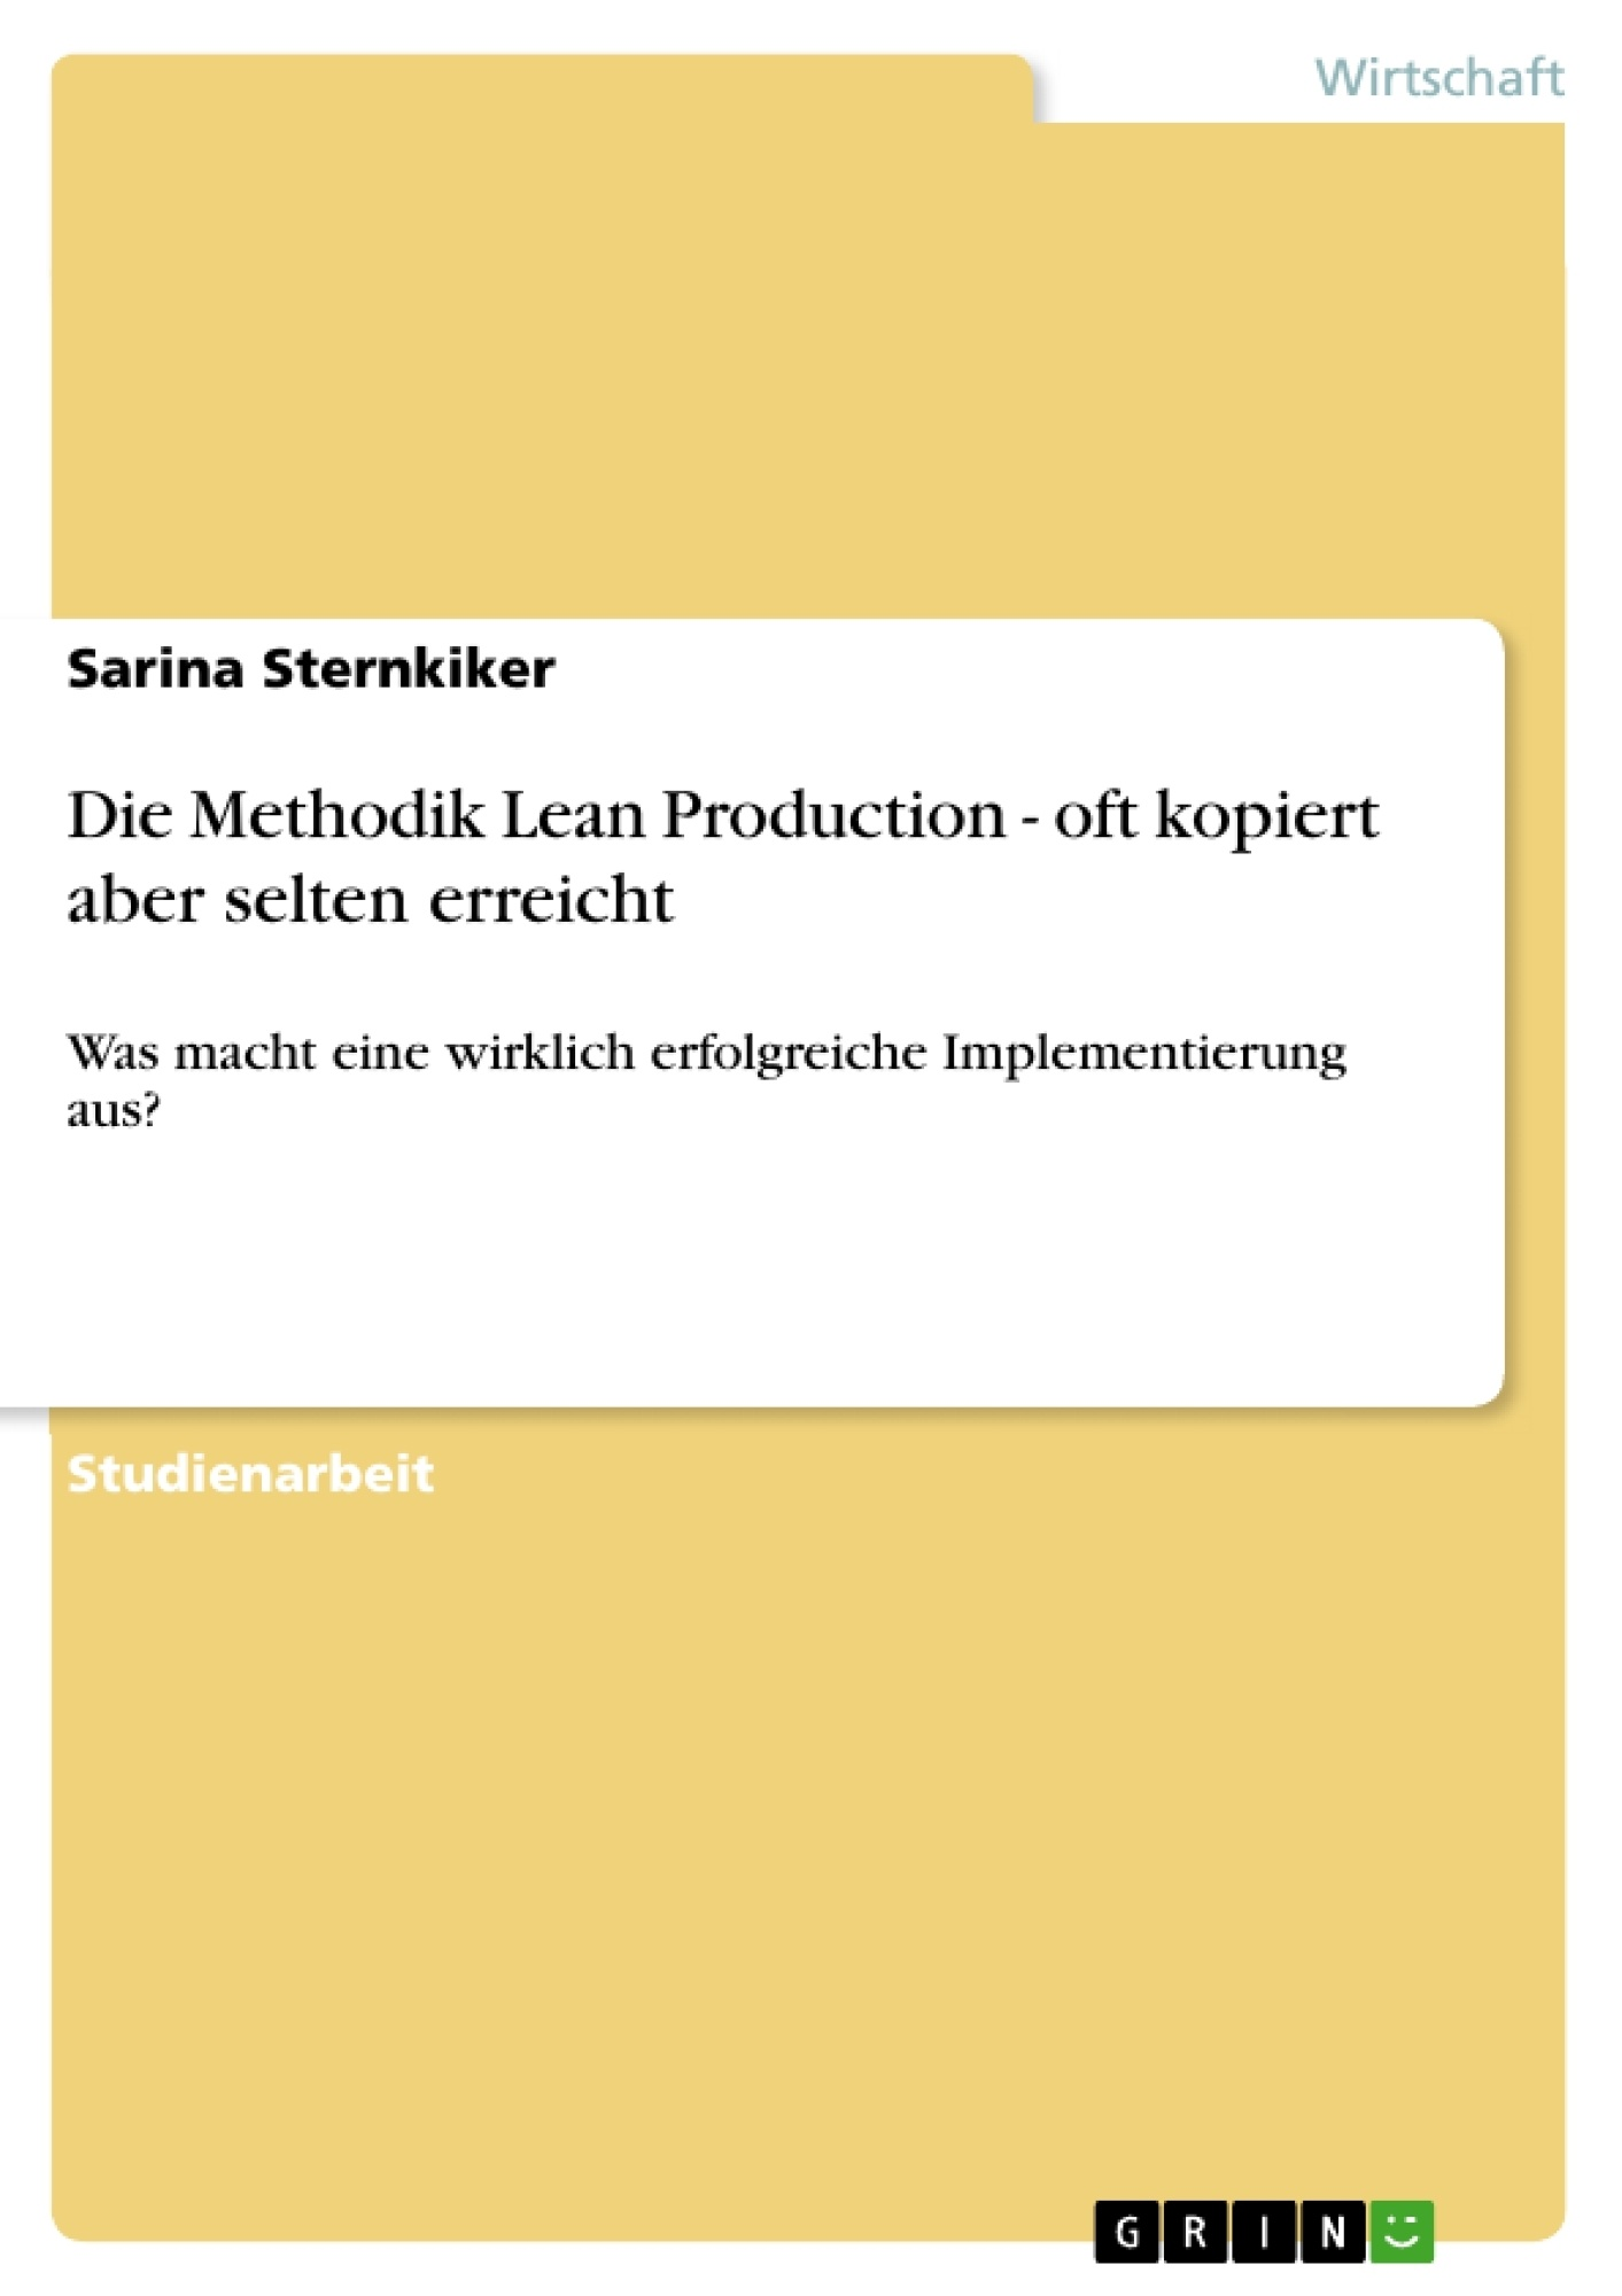 Titel: Die Methodik Lean Production - oft kopiert aber selten erreicht